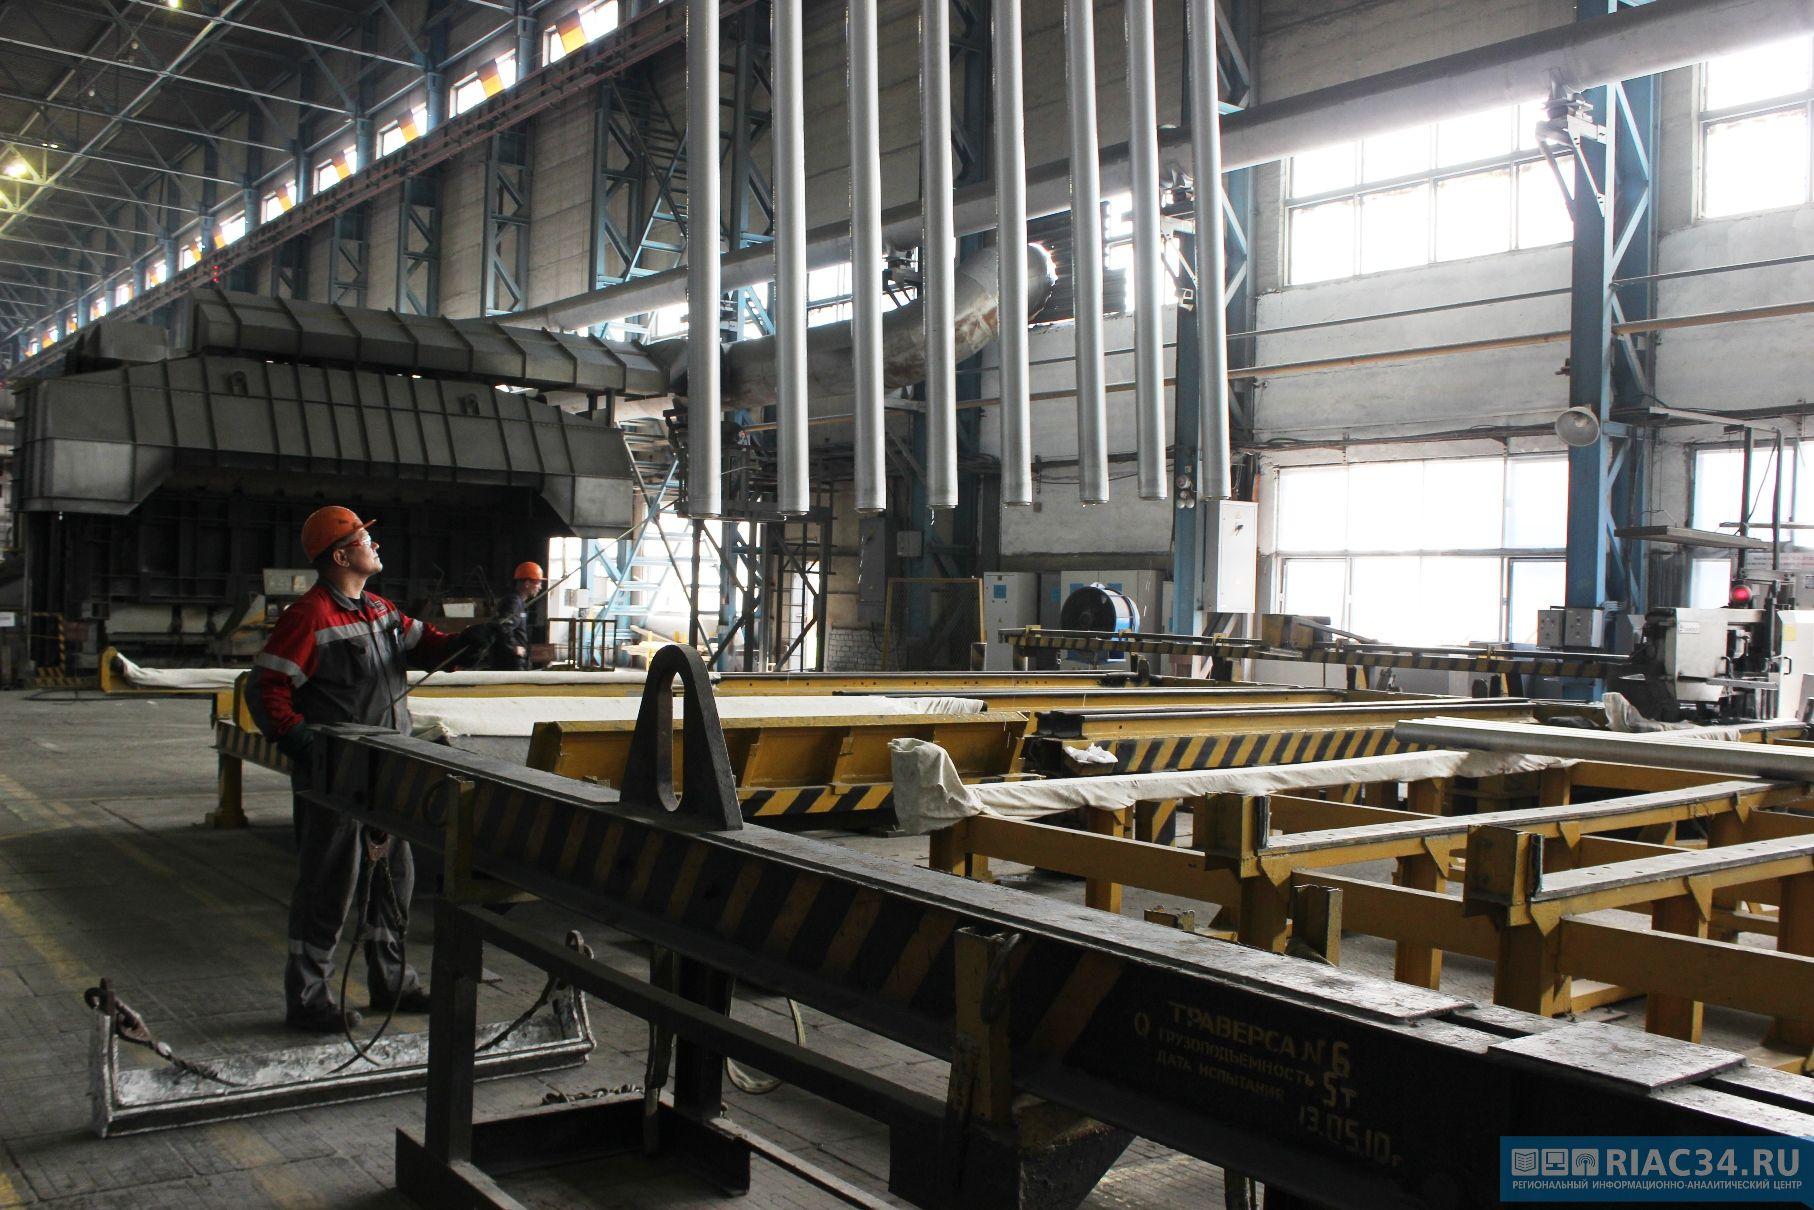 Объем производства волгоградской промышленности вырос на 110 млрд рублей